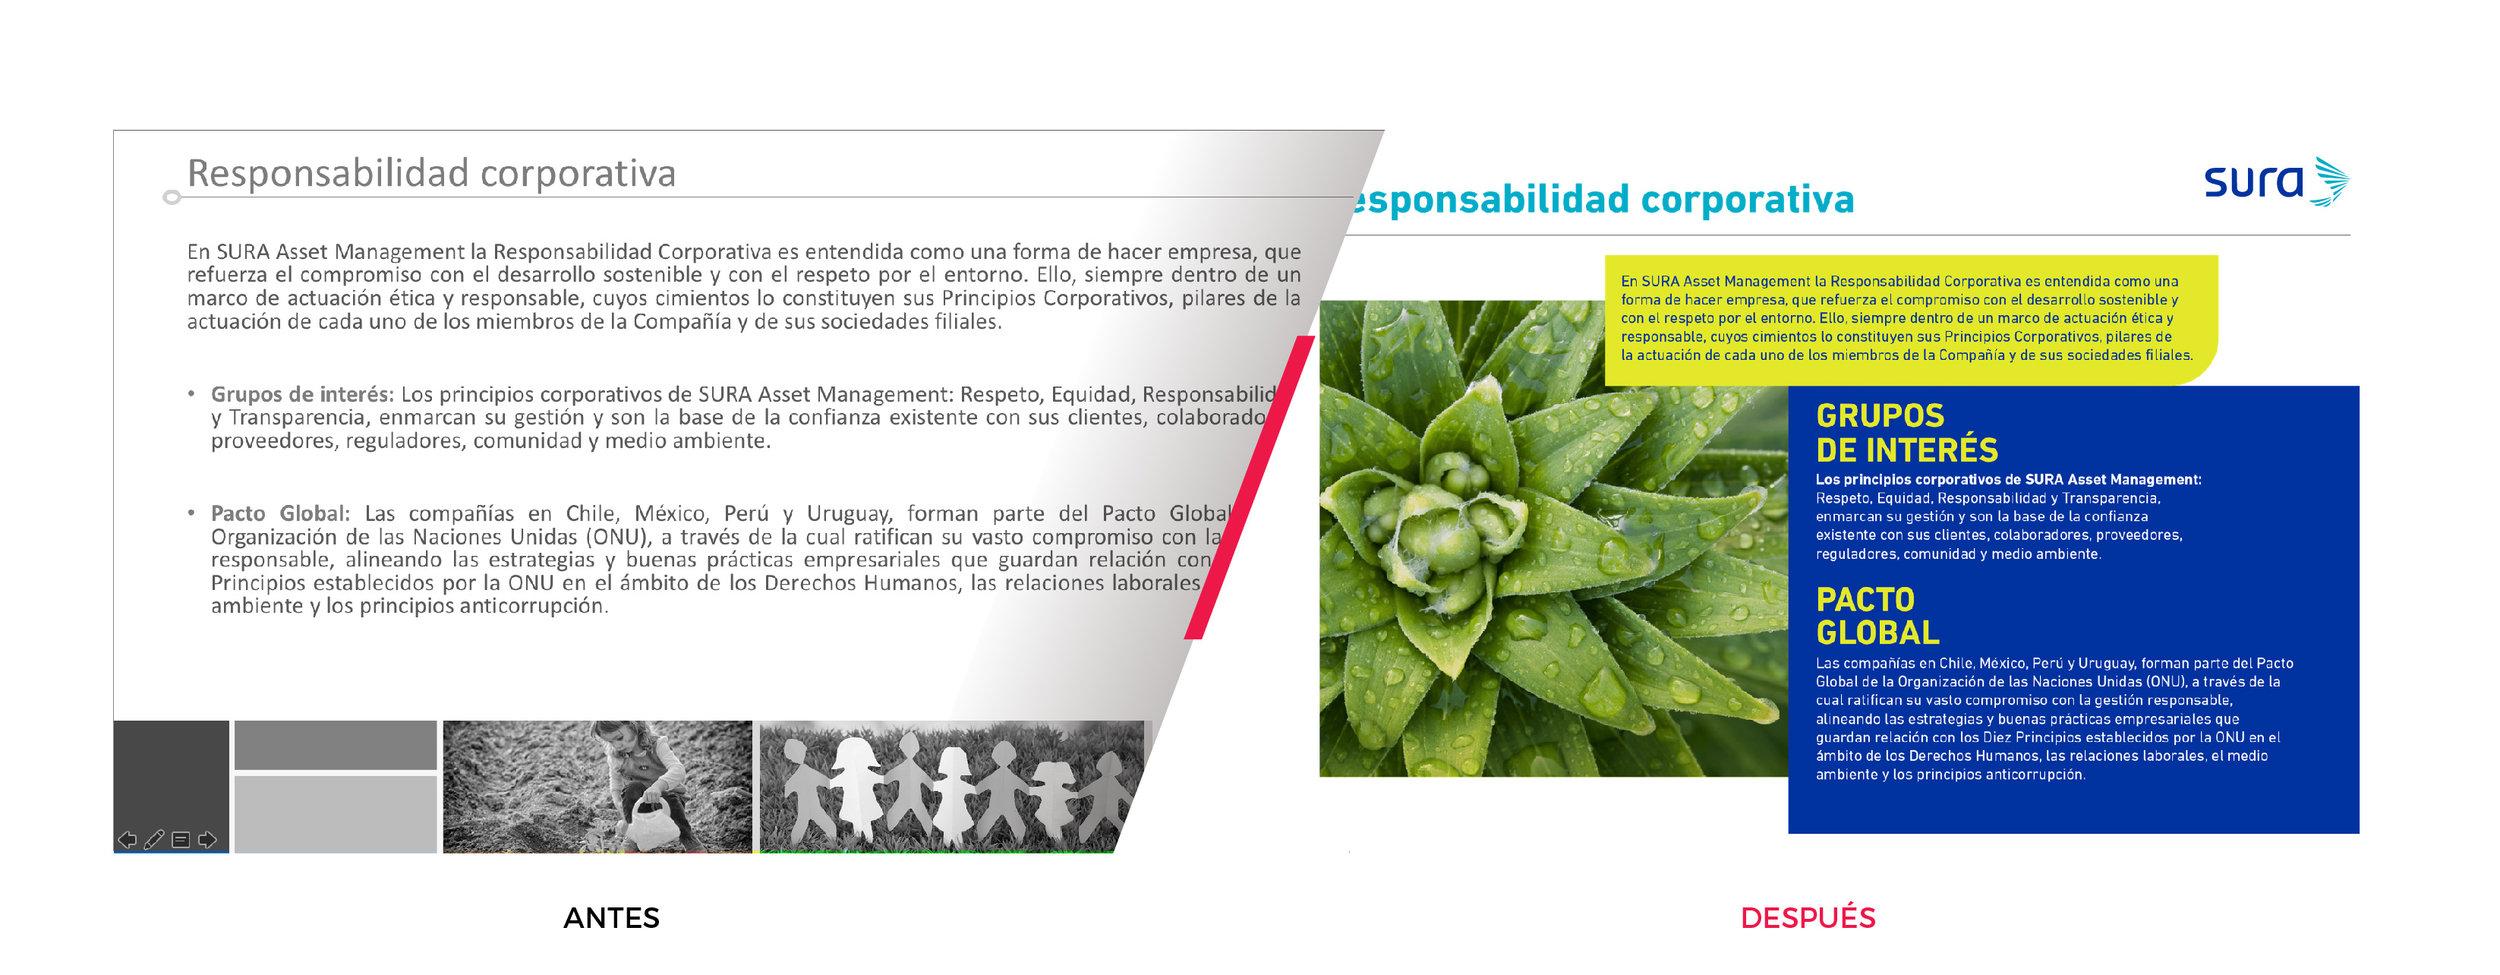 slide5-sura-diseno-presentaciones